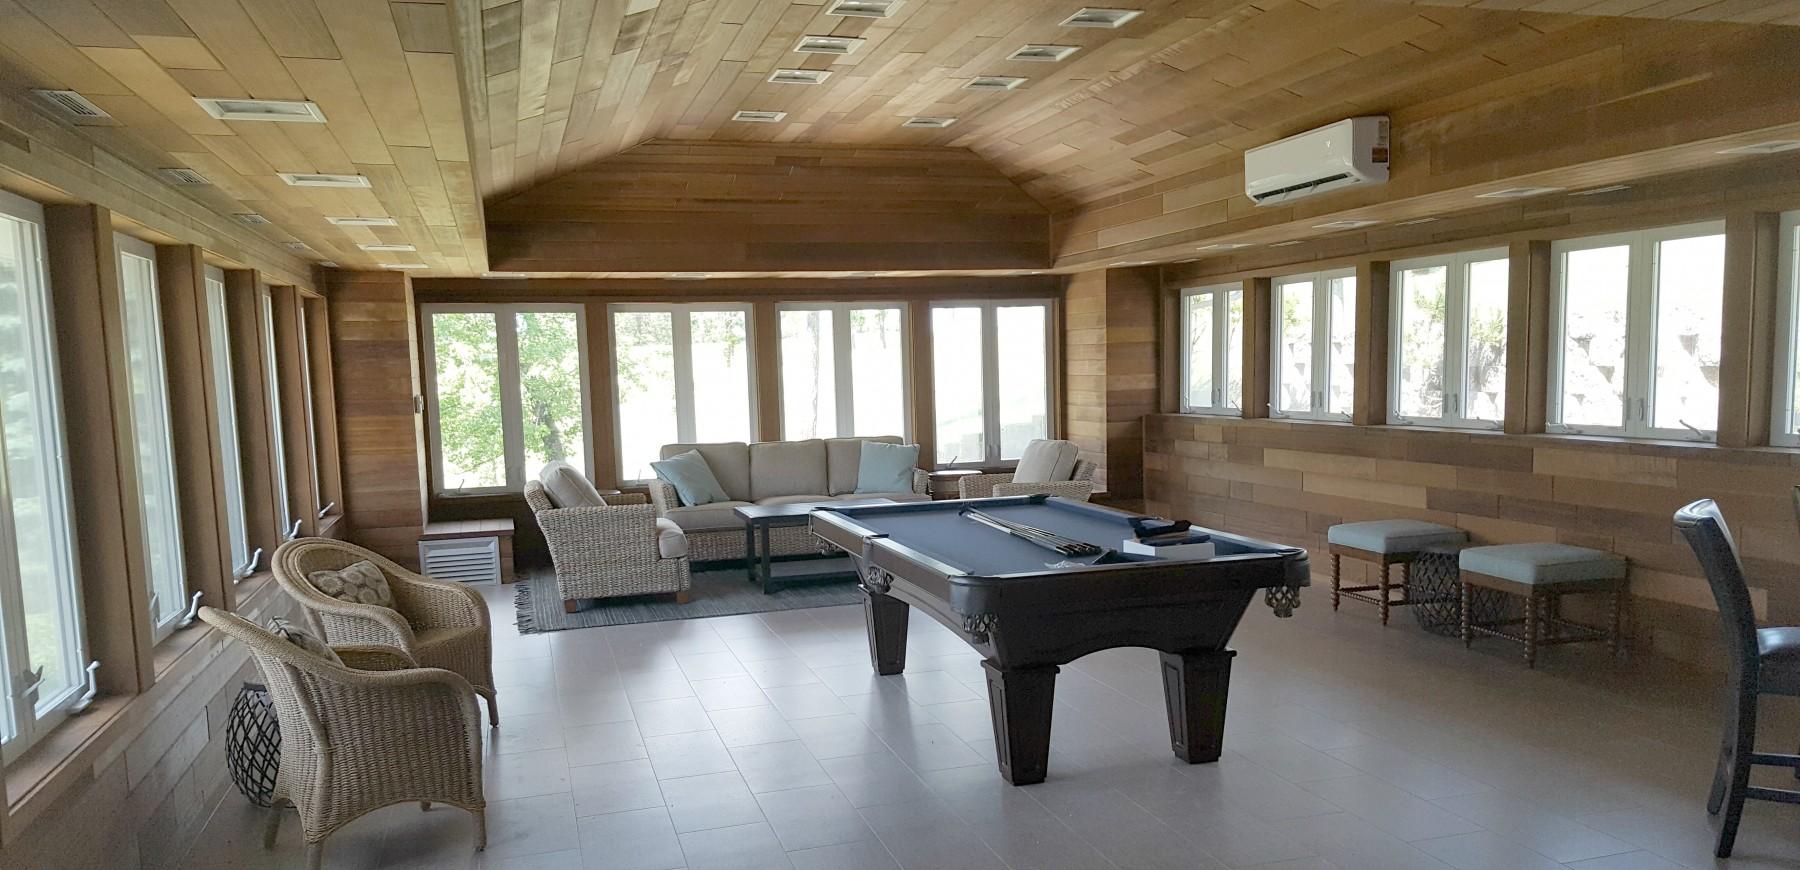 Madden House Gameroom